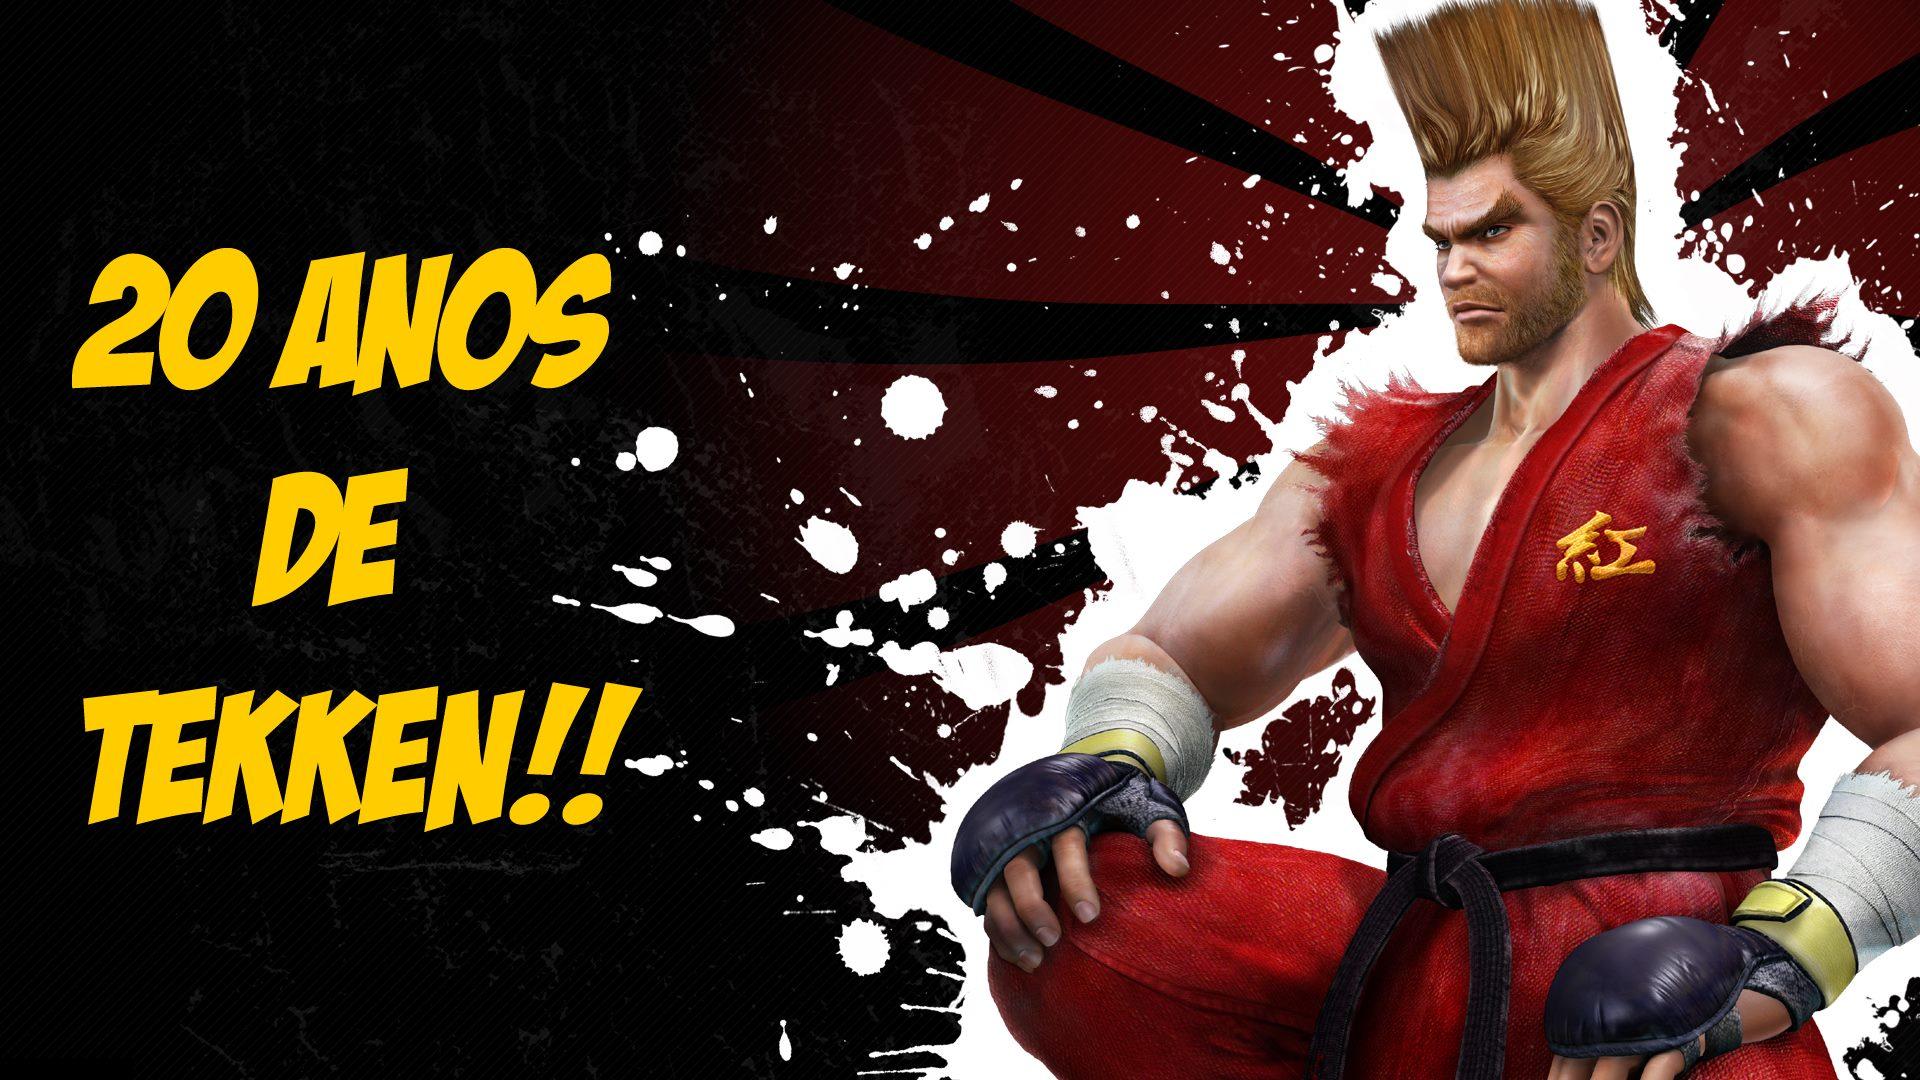 Gustavo Gear - Tekken - 20 Anos - Paul - Imagem